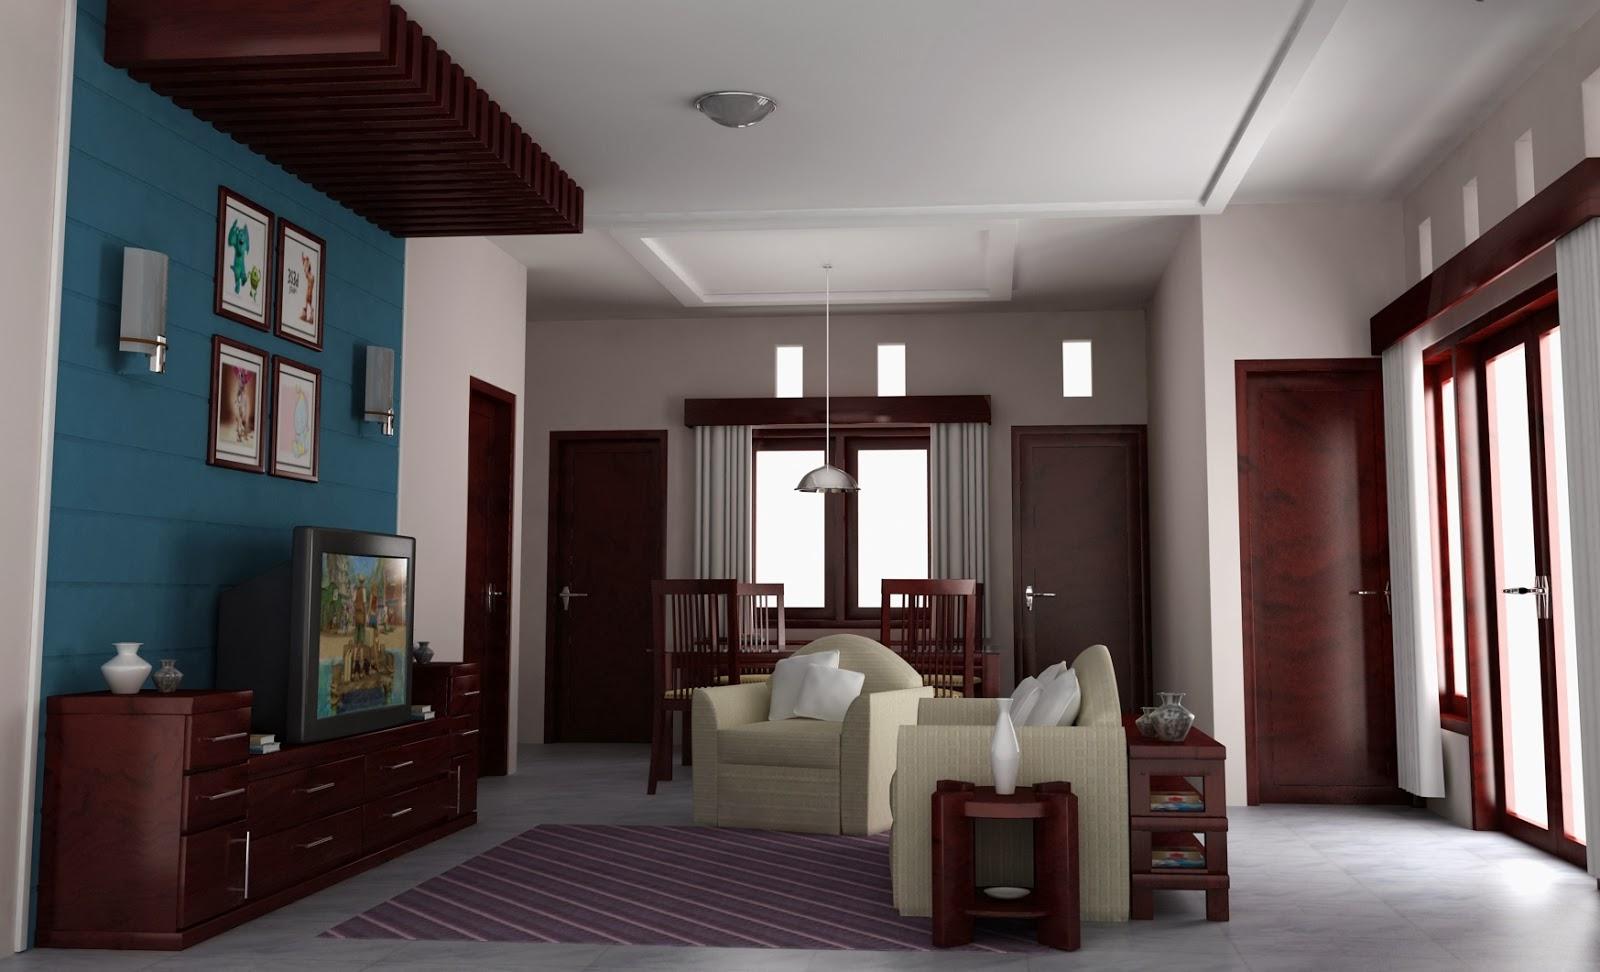 Desain+Interior+Ruang+Keluarga+1